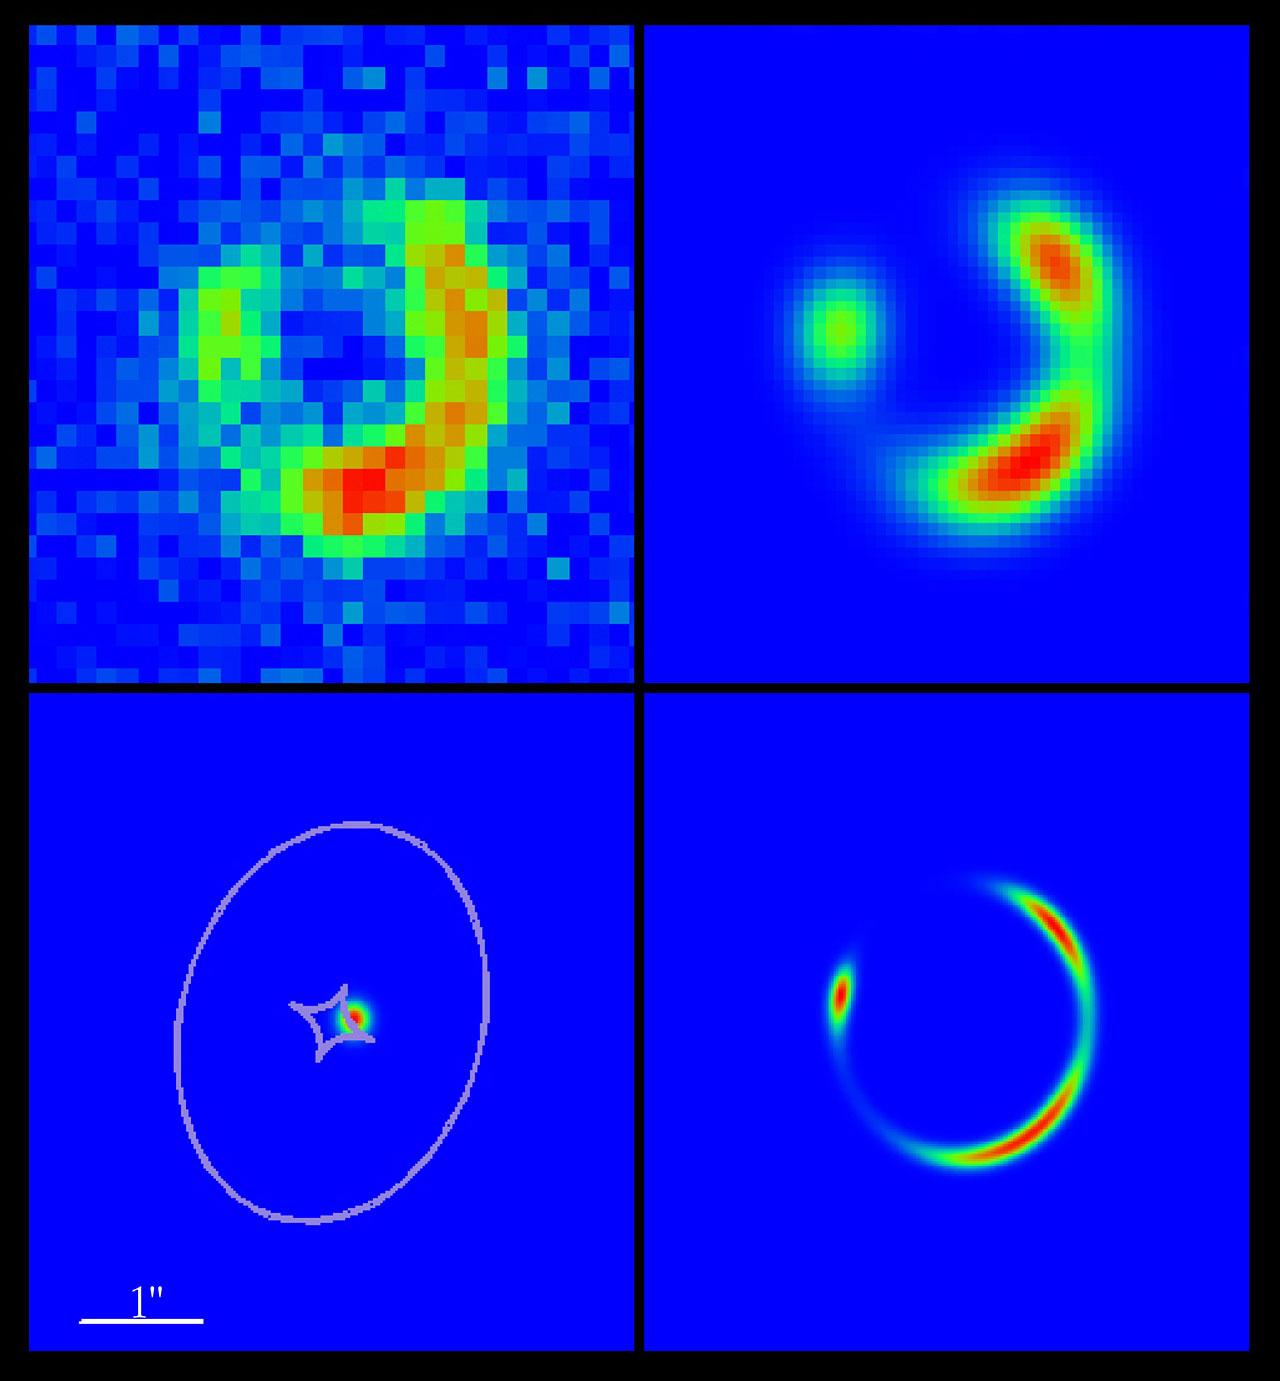 A Gravitational Einstein Ring